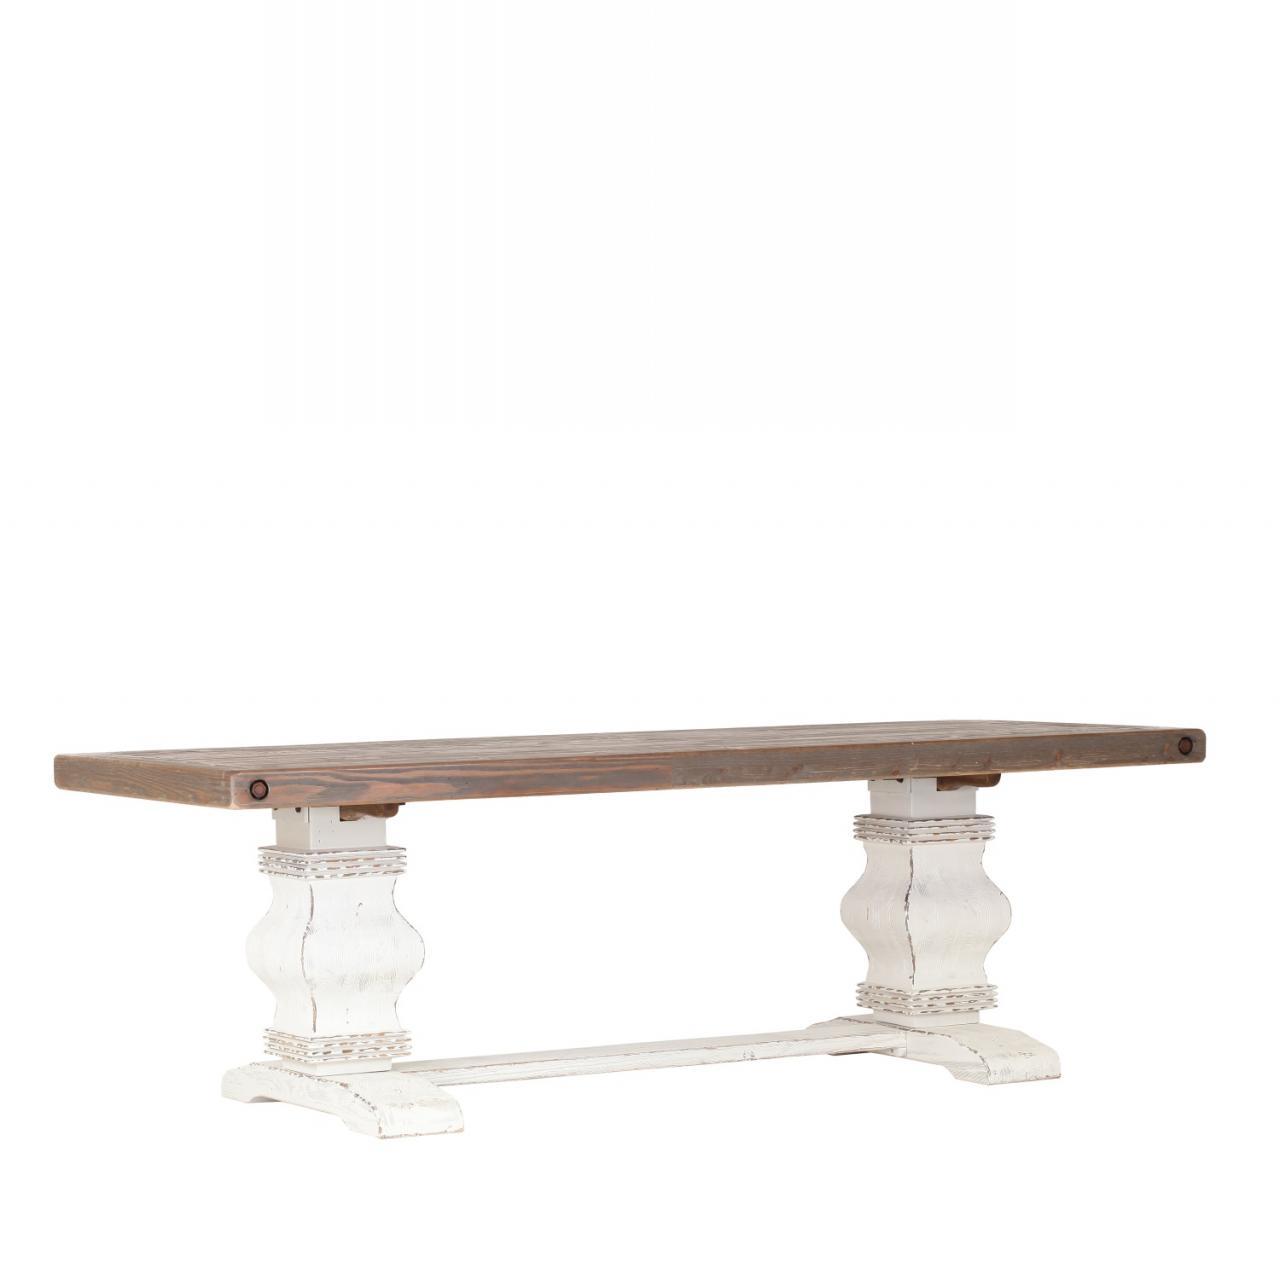 Esstisch Riviera 6397/21-240 Recycled Pinie Massiv Braun 240x100 Weiß Tisch